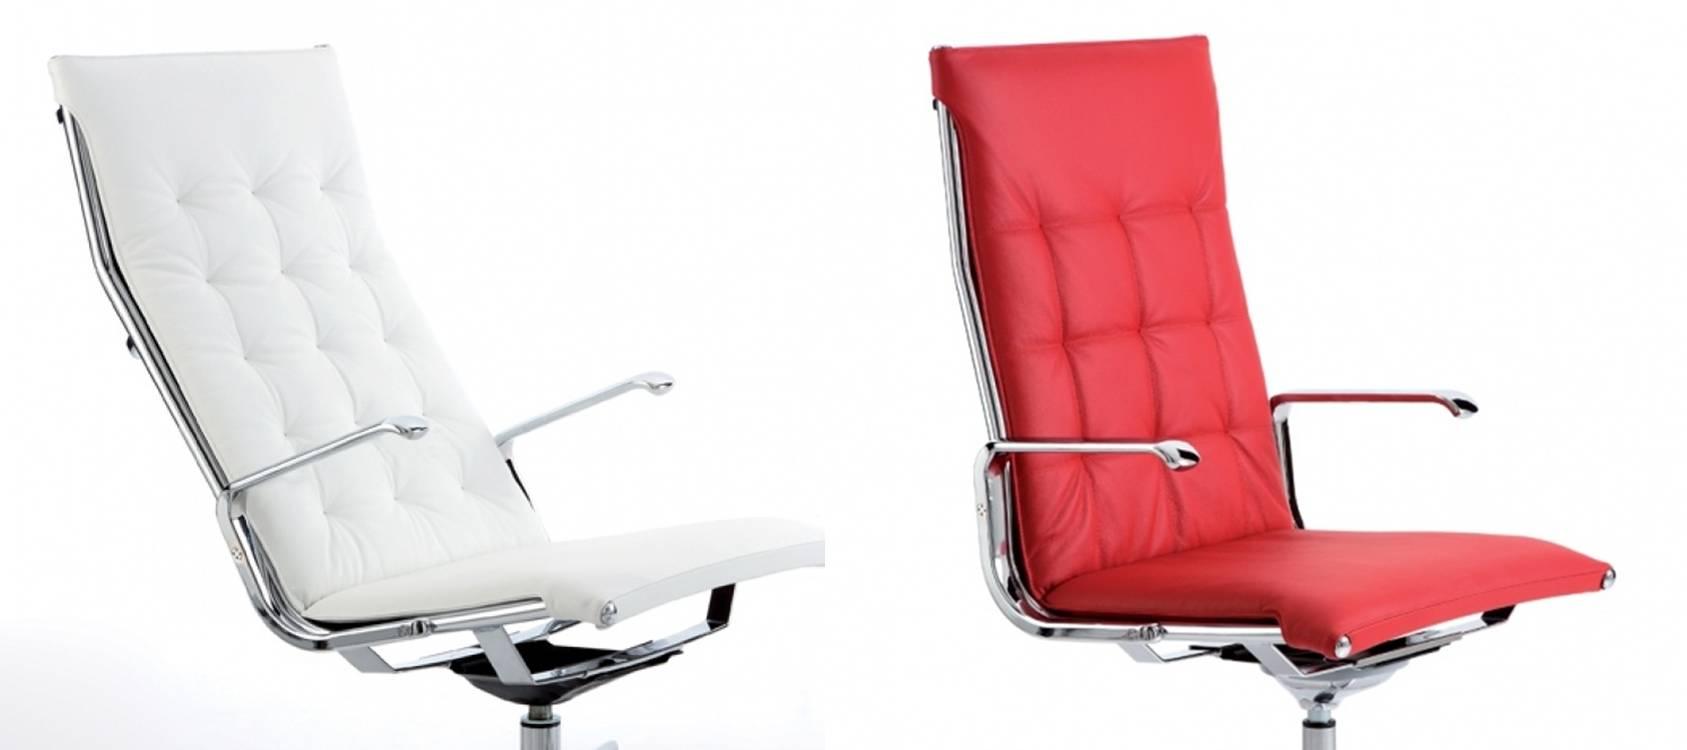 sedia_direzionale_Luxy_modello_taylord_bianca_e_rossa